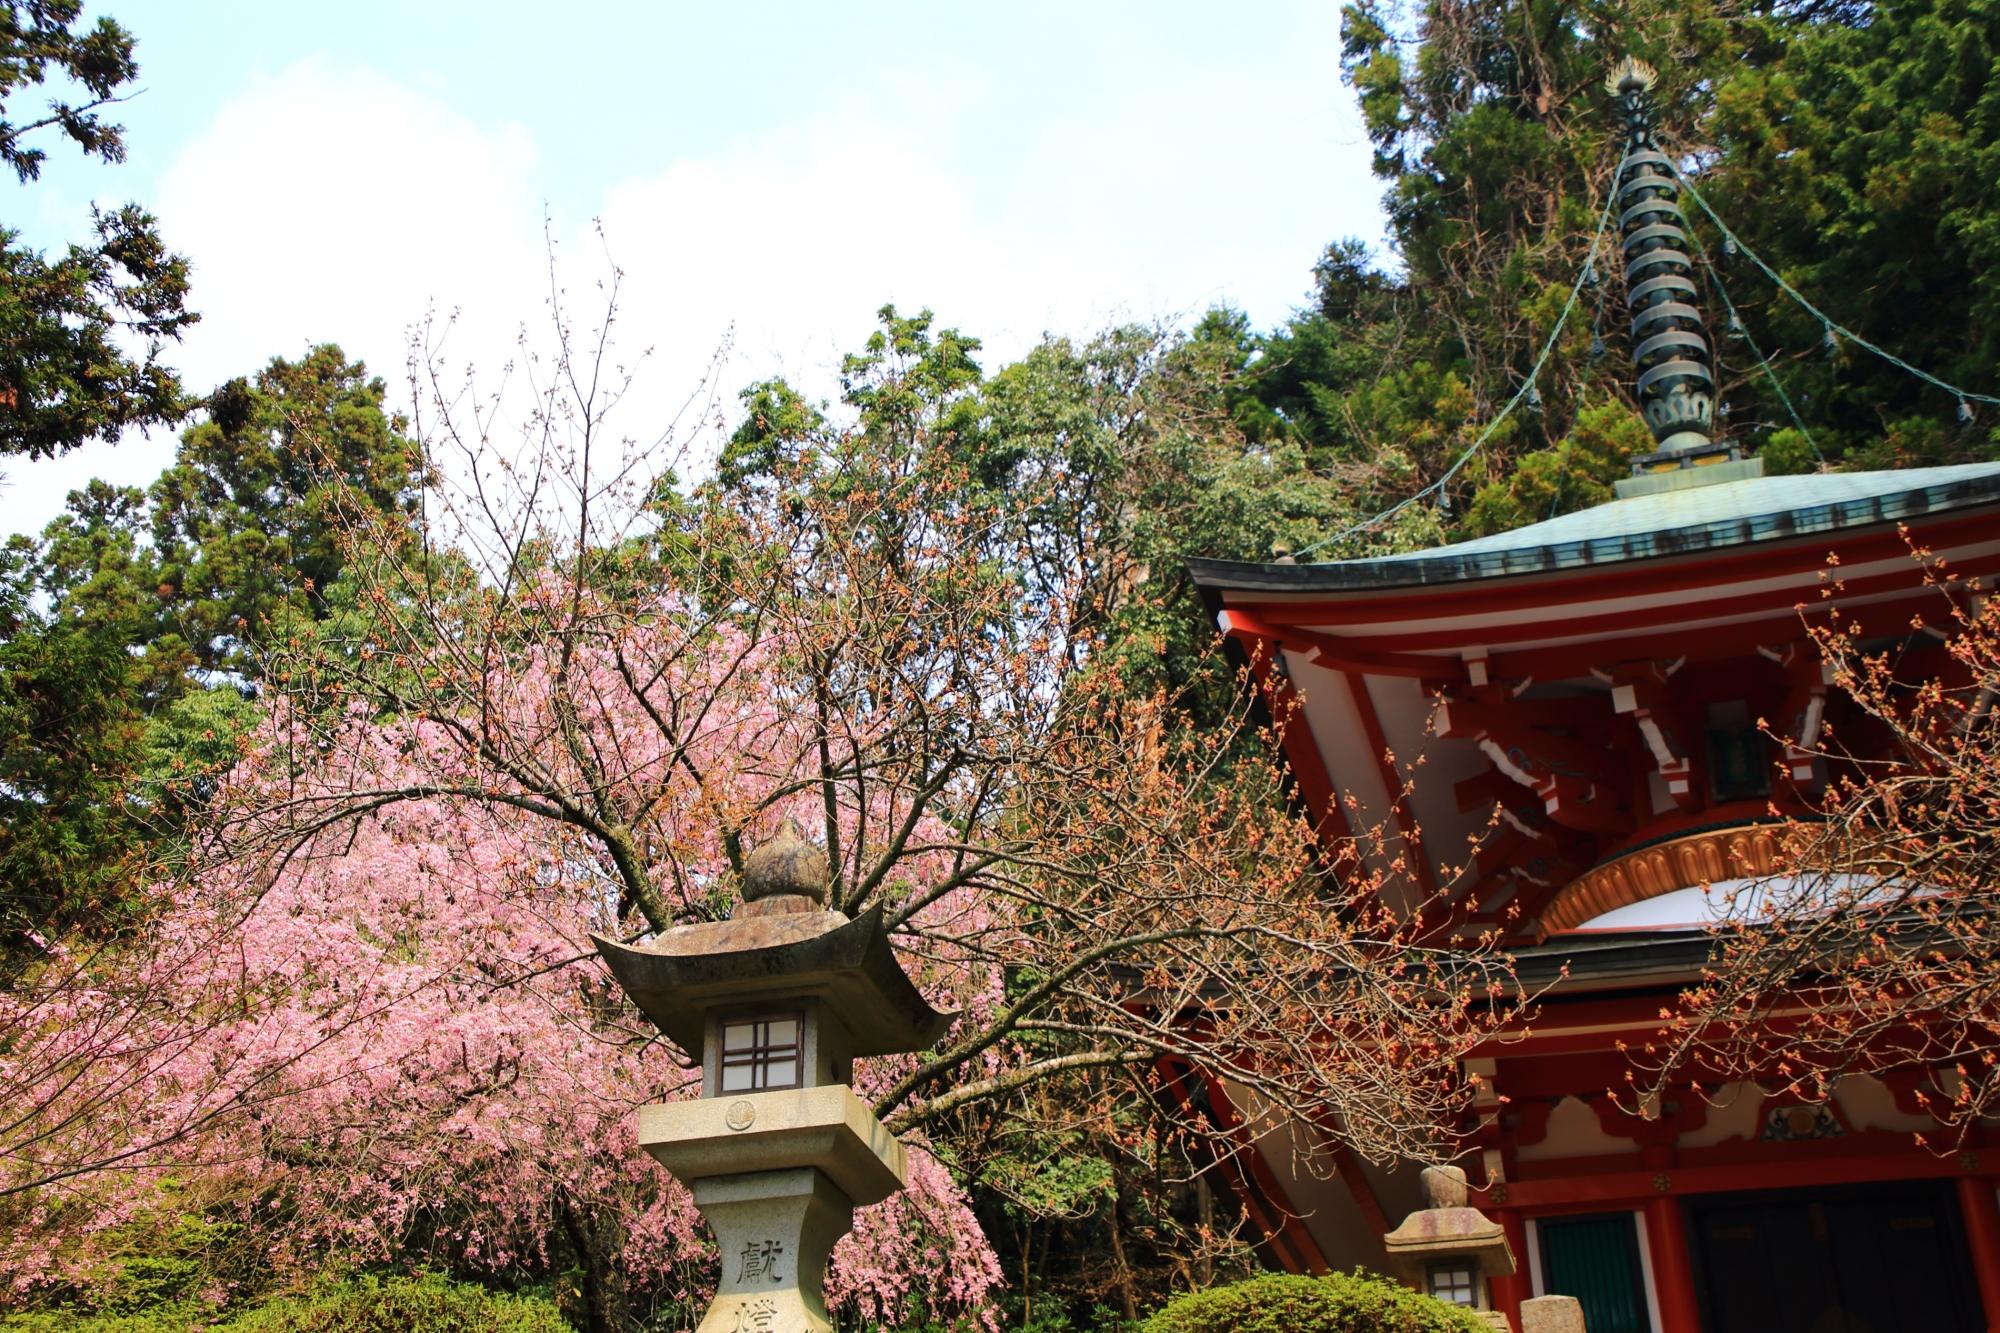 鞍馬寺の溢れるように咲き誇る満開のしだれ桜